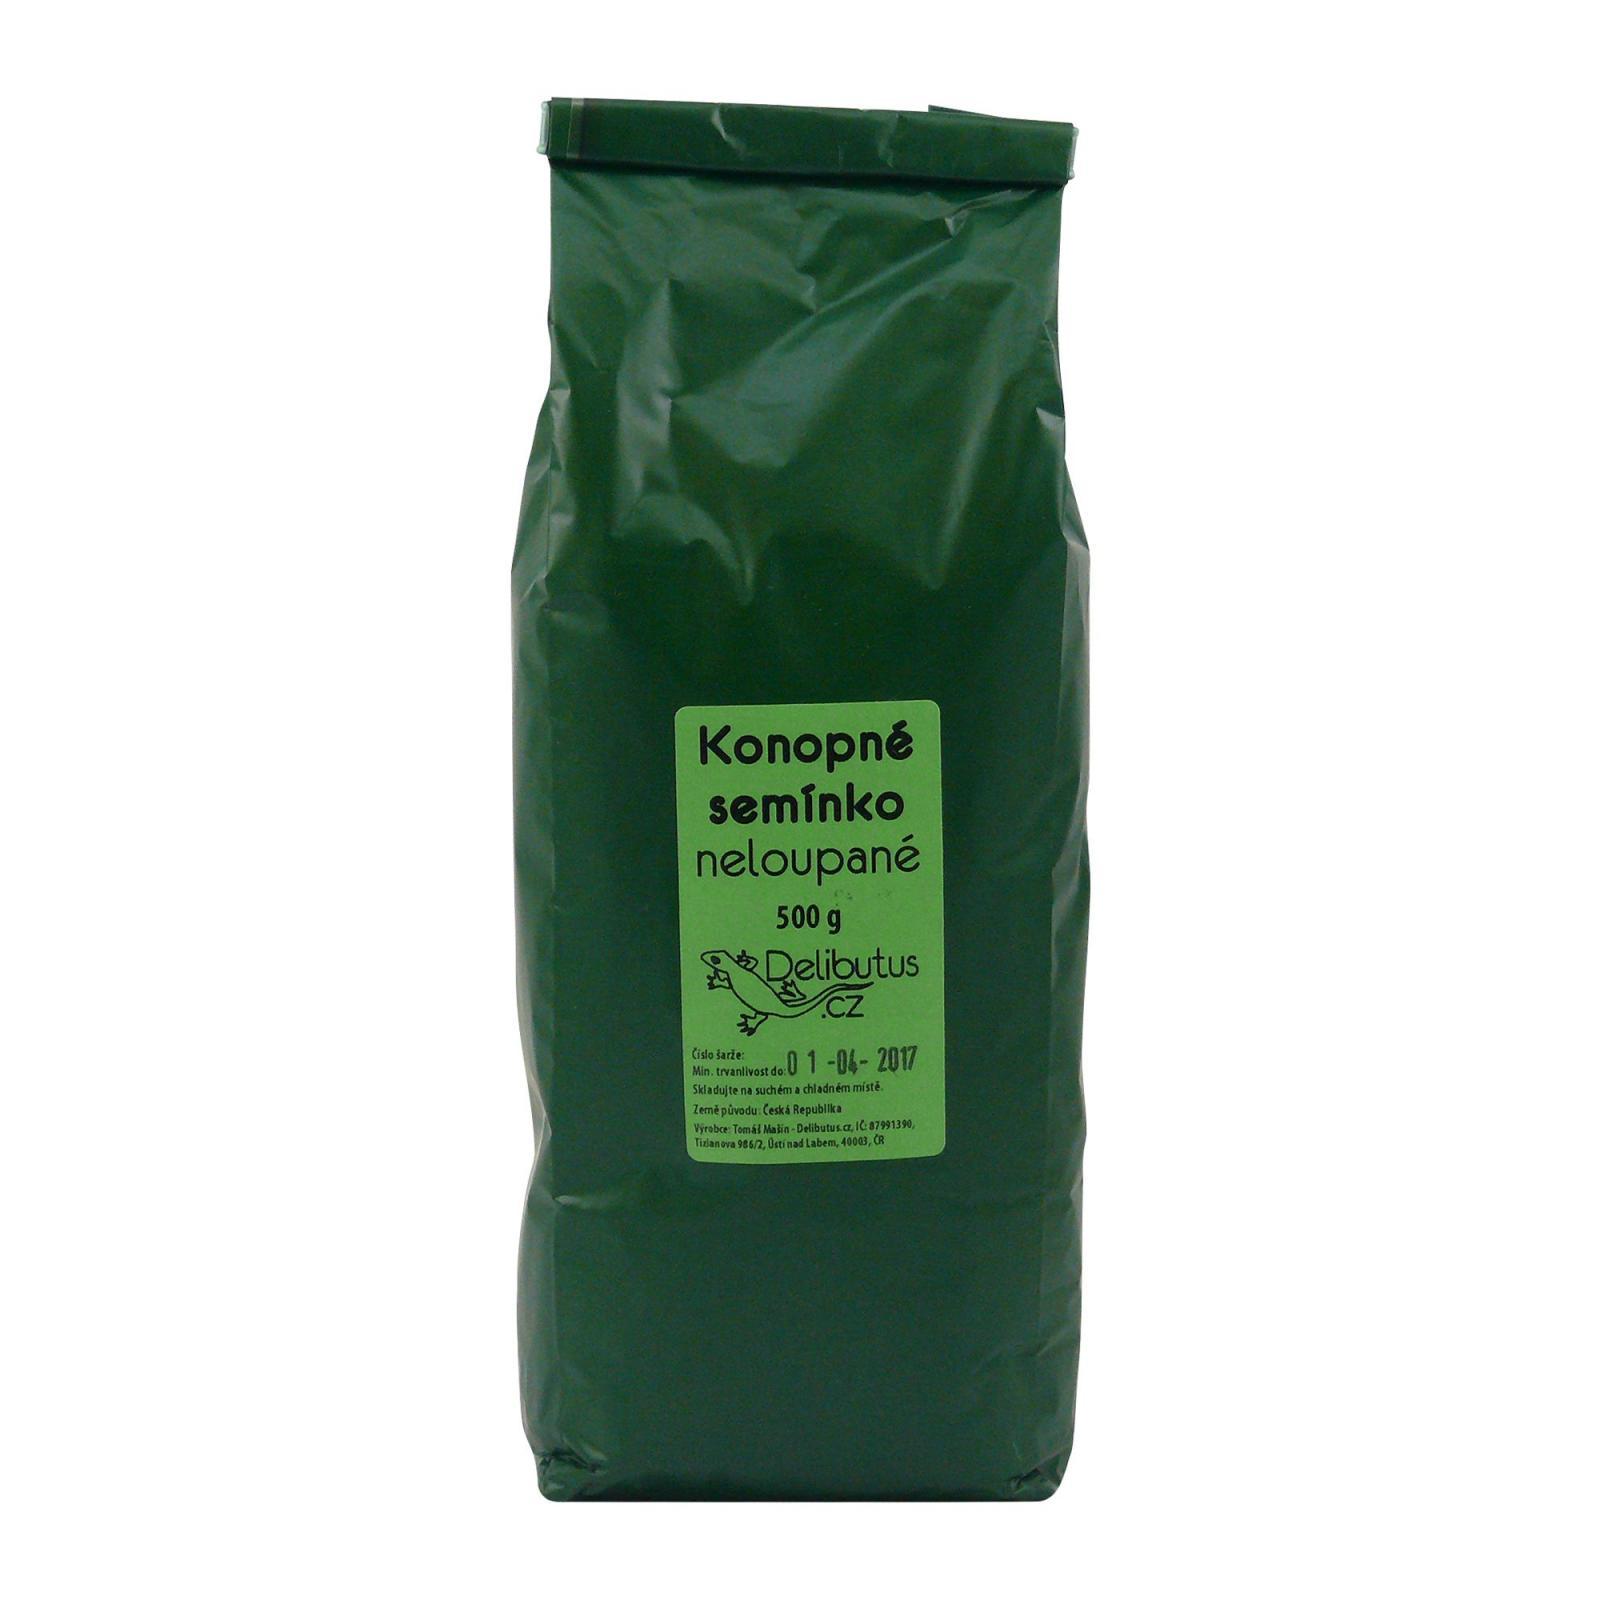 Delibutus Konopné semínko neloupané 500 g